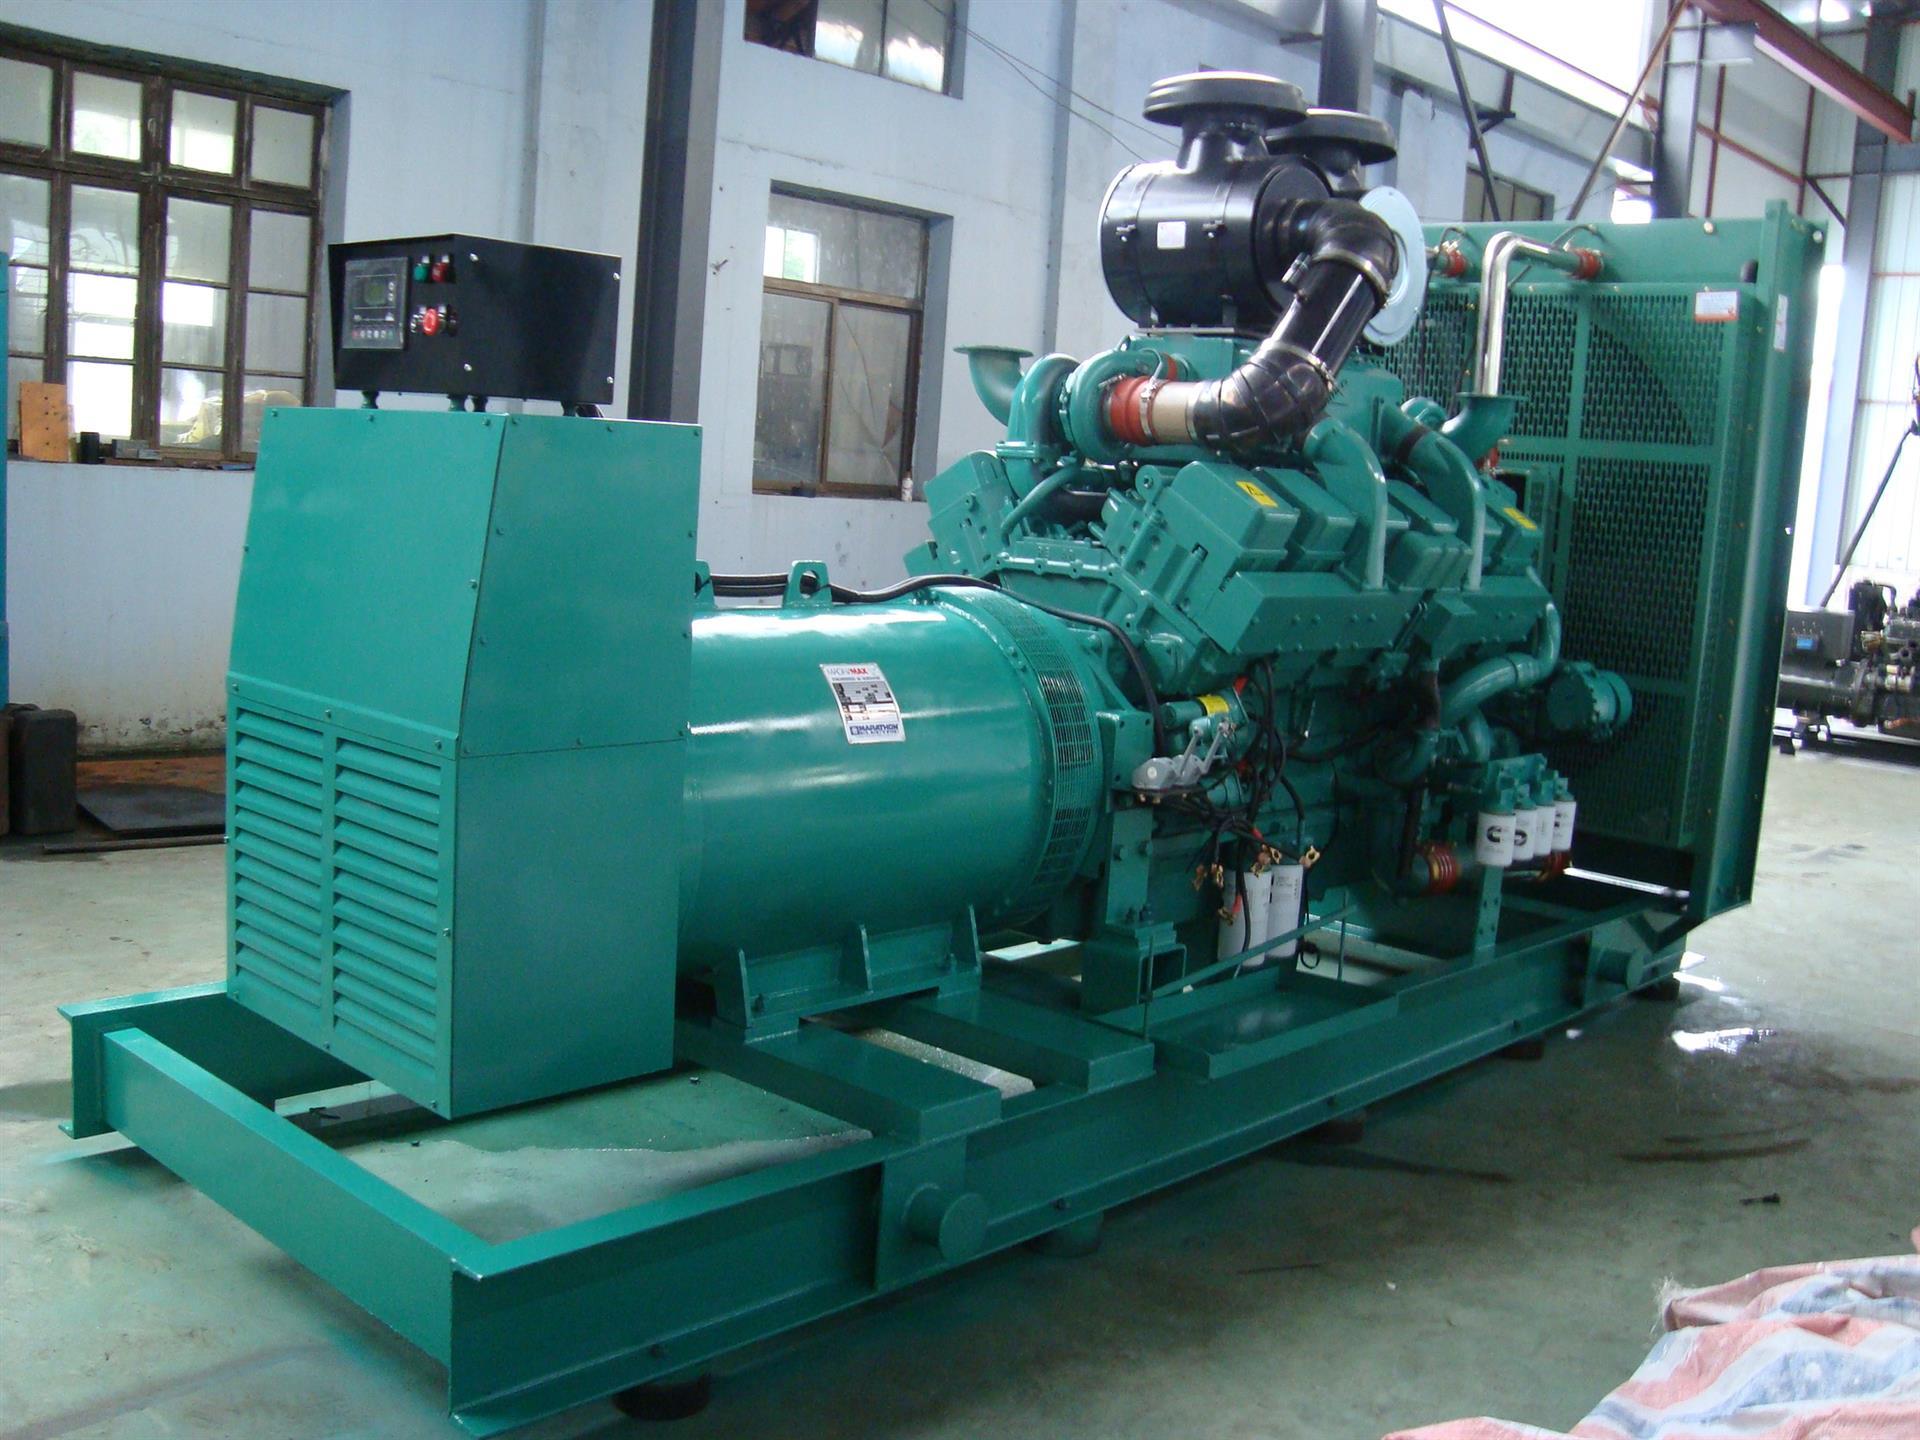 潍坊100kw柴油发电机组报价与耗油成本怎么算